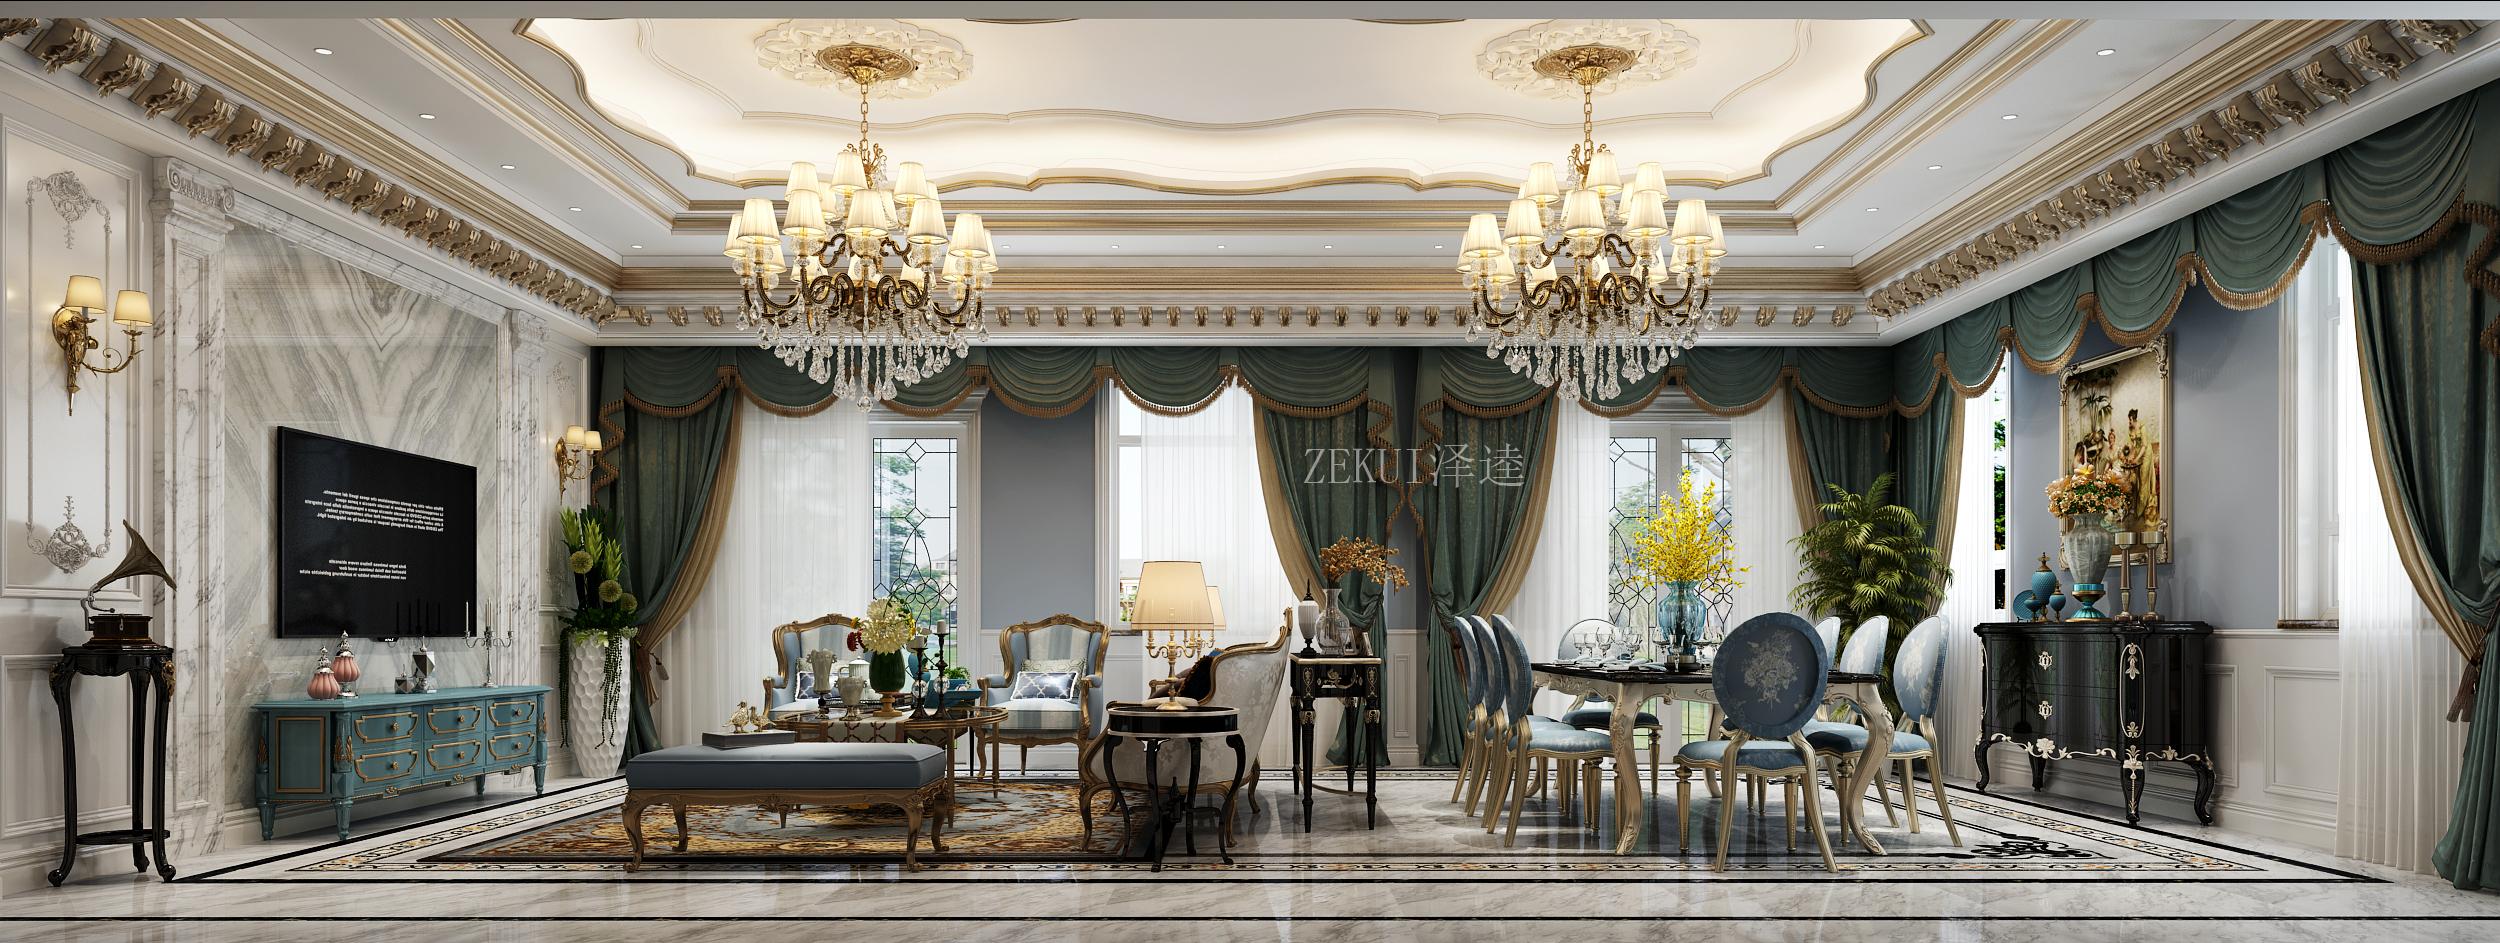 豪华欧式别墅客餐厅装修效果图